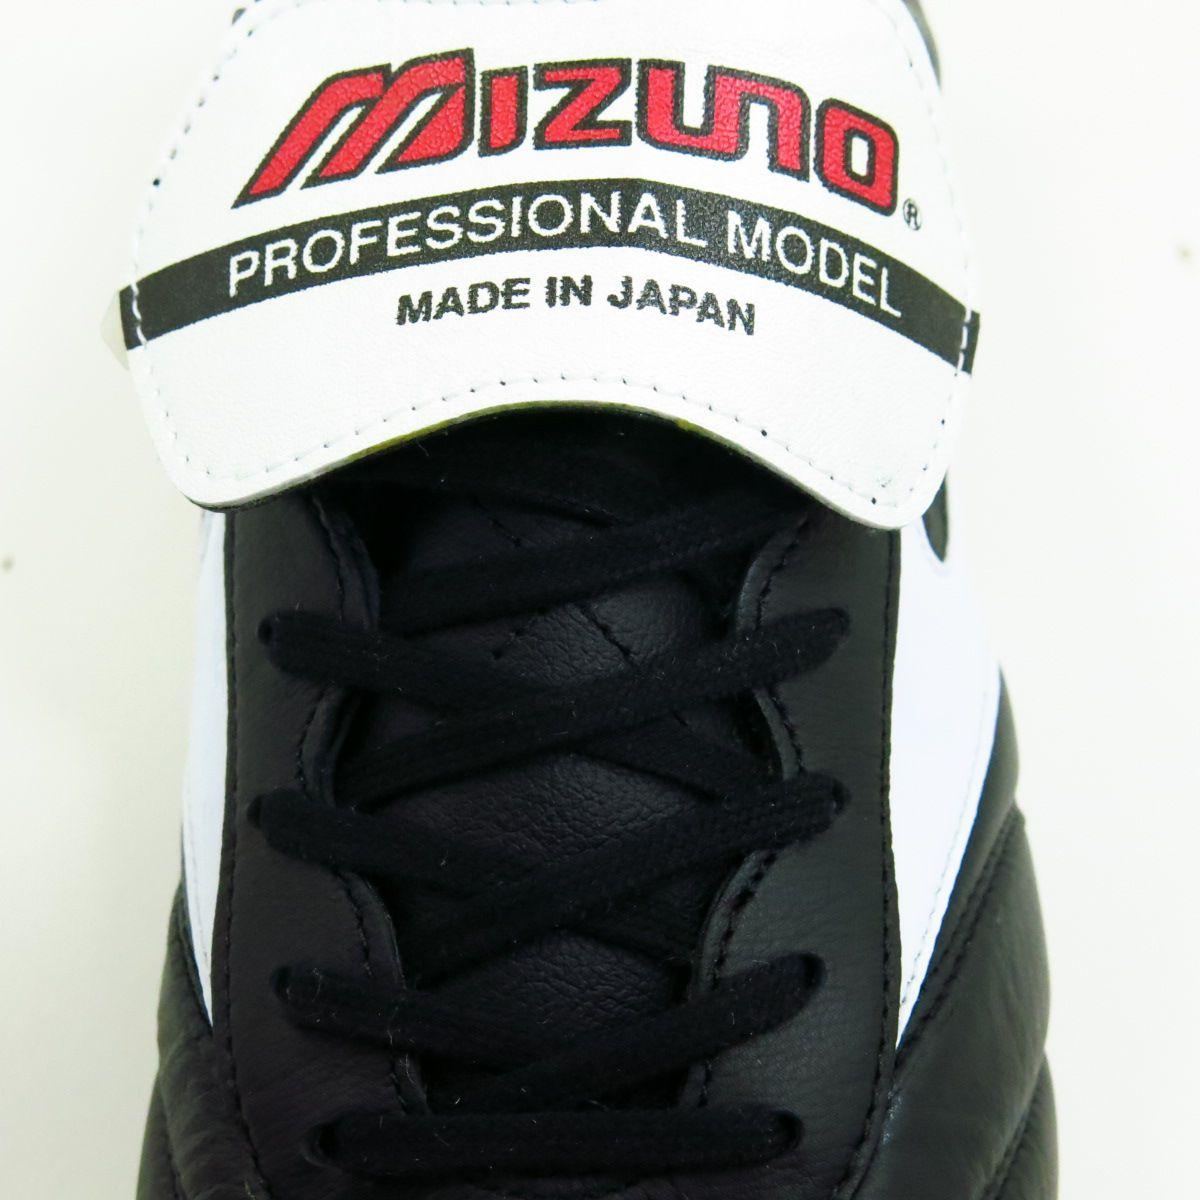 Chuteira Mizuno Morelia MD - Made in Japan - Couro de Canguru